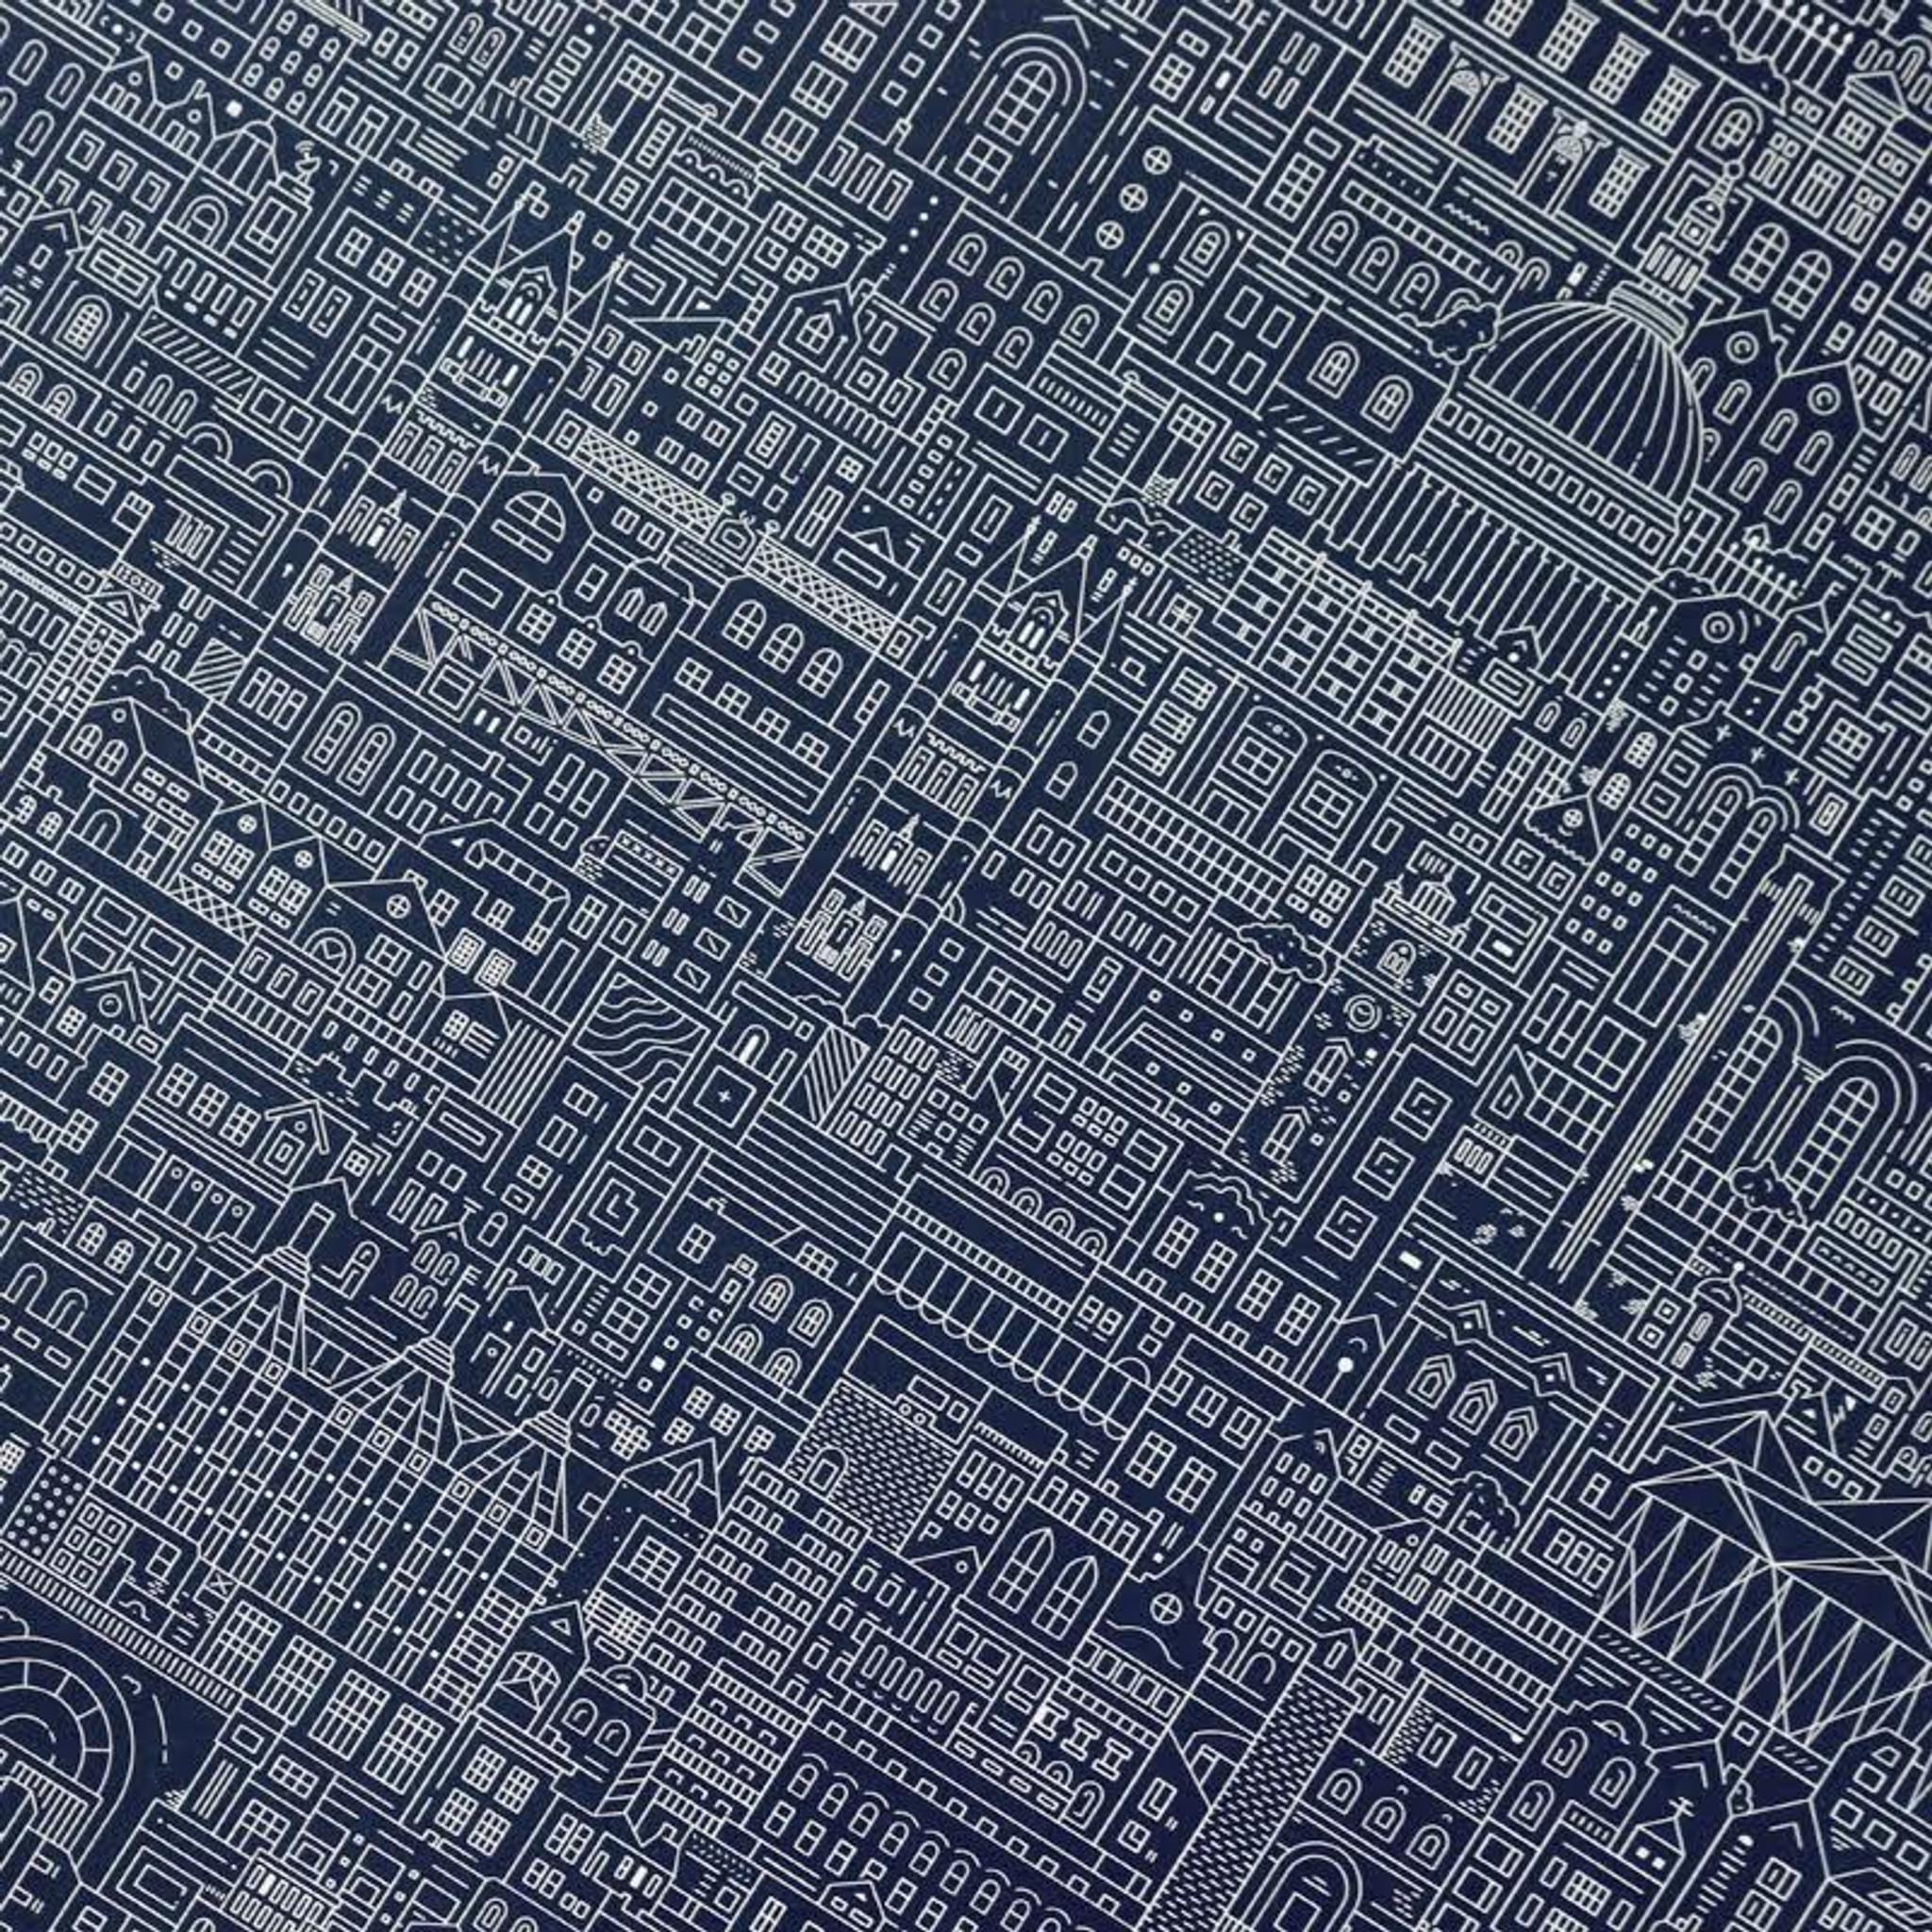 London cityscape blueprint east end prints ltd london cityscape blueprint london cityscape blueprint malvernweather Images